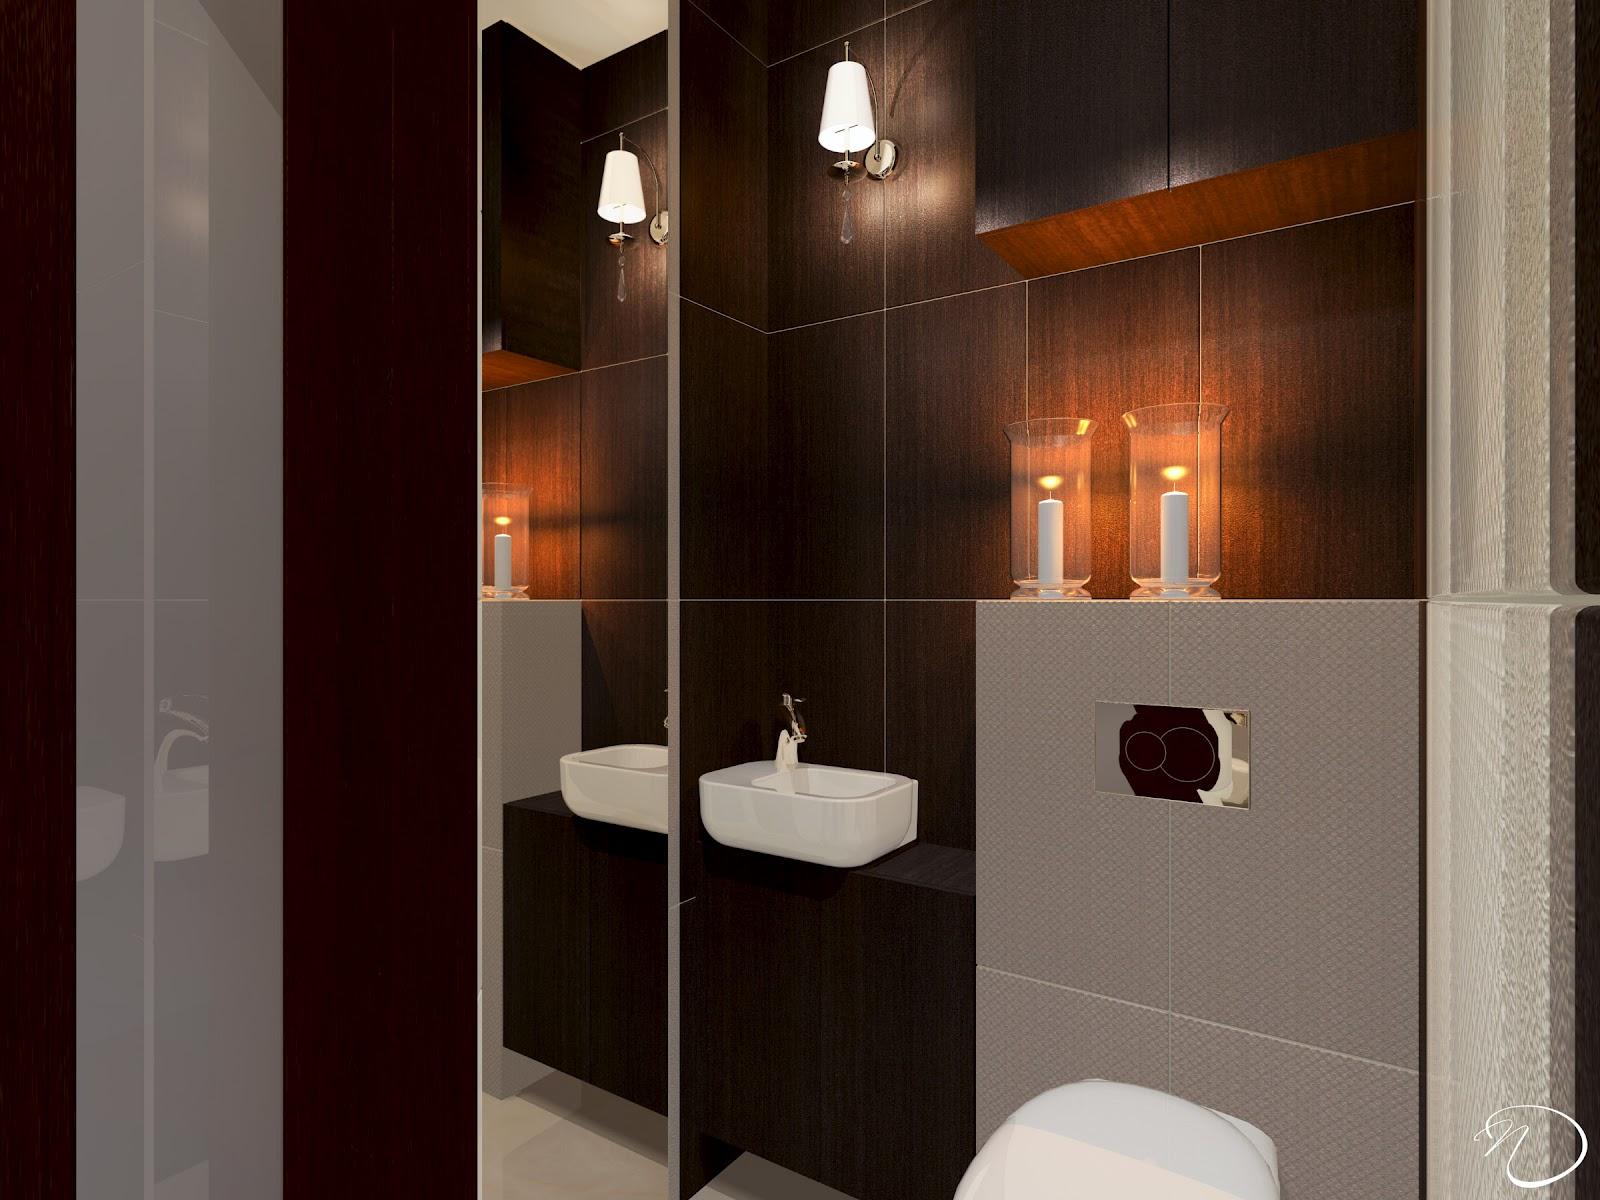 toilet (M) title=